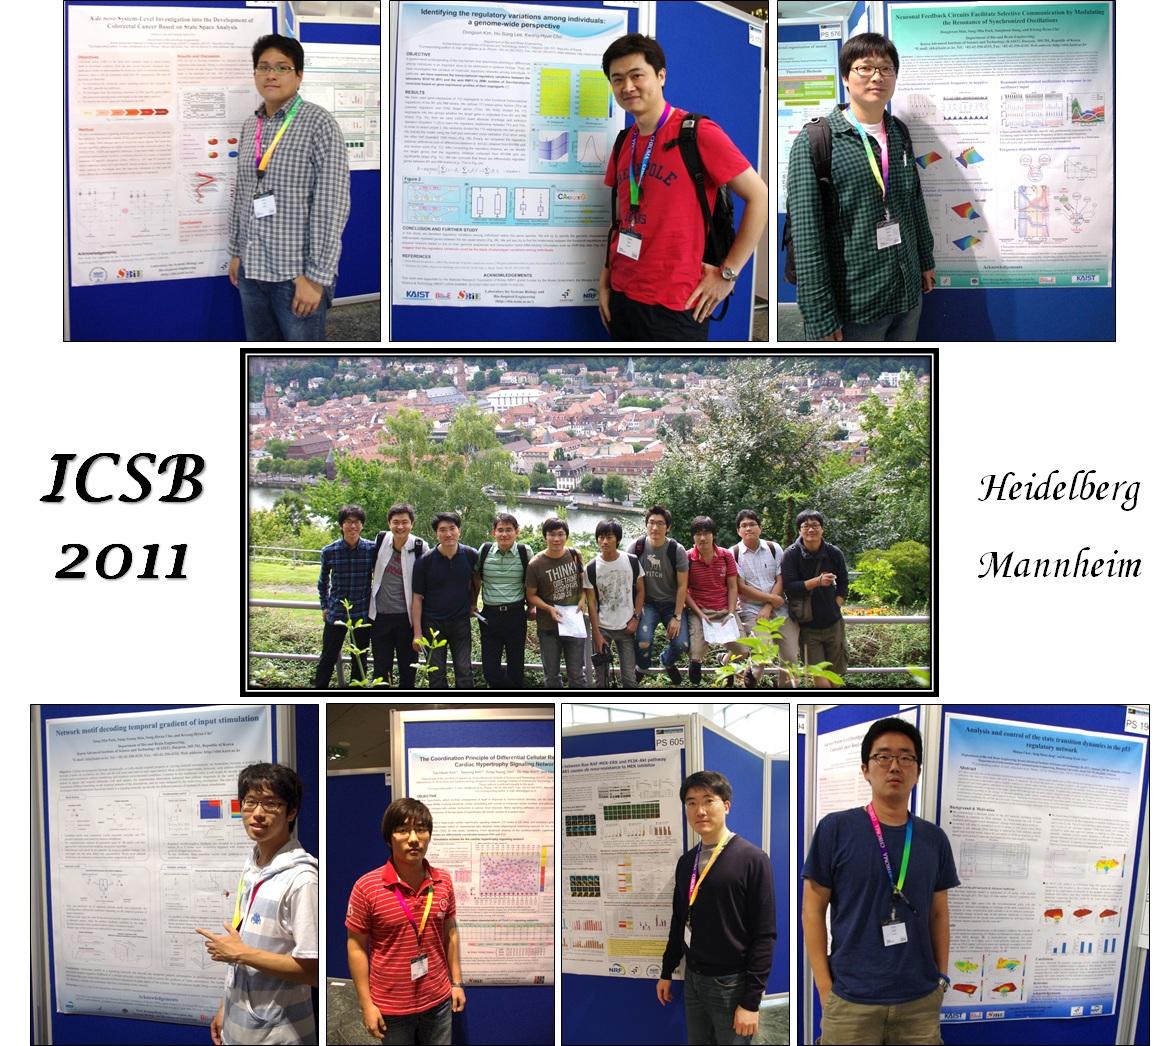 ICSB2011_1.jpg